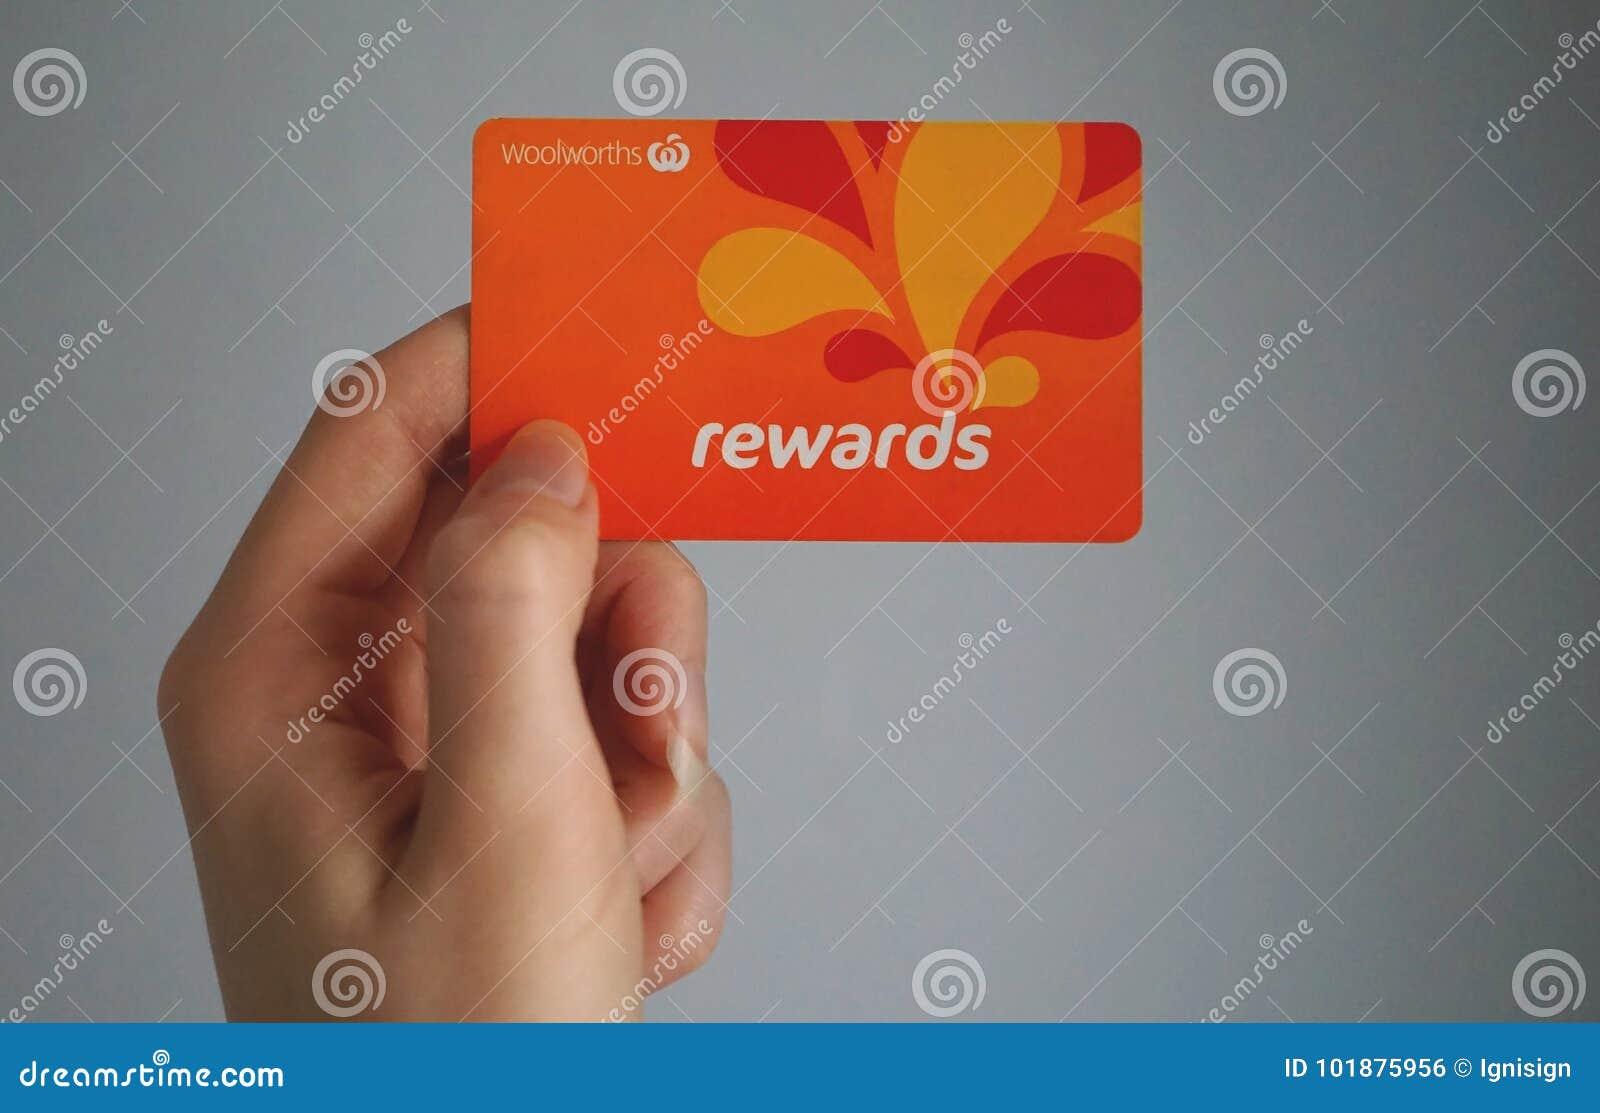 Το θηλυκό καυκάσιο χέρι κρατά ότι ένα Woolworths ανταμείβει την κάρτα πίστης, αυτό το πρόγραμμα πίστης δίνει τα χρήματα από τις α